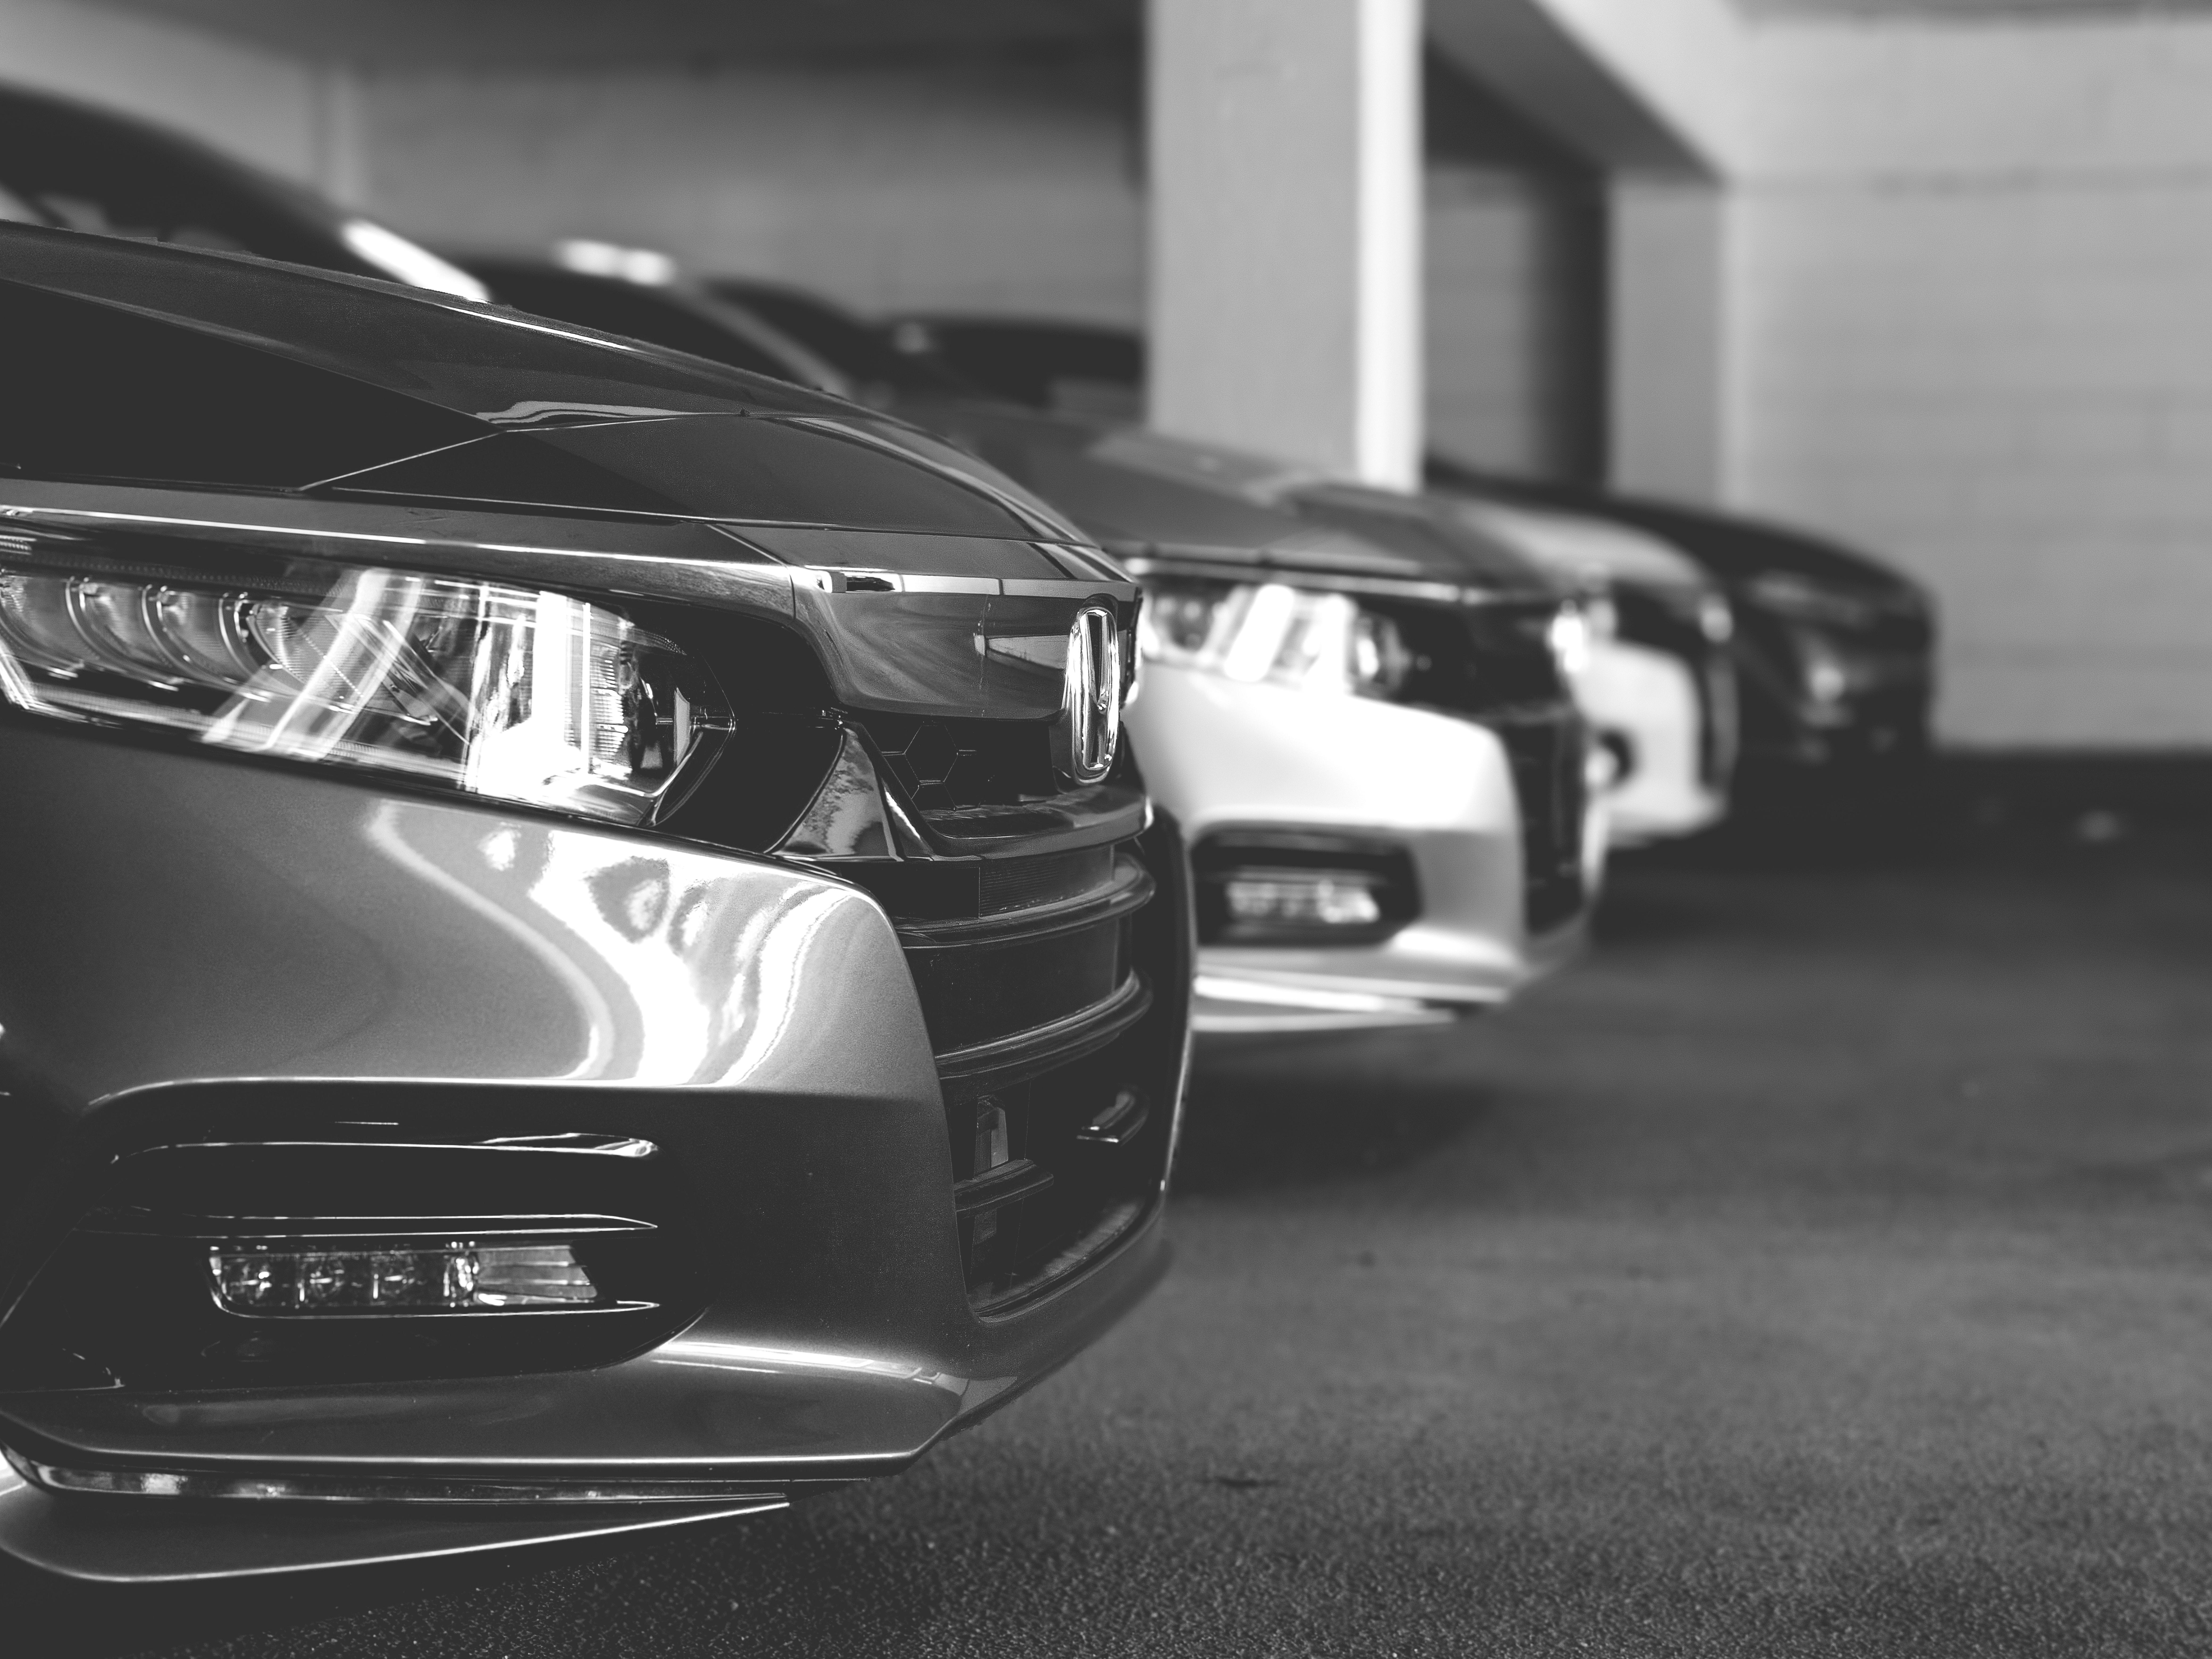 Den bedste olie til din bil